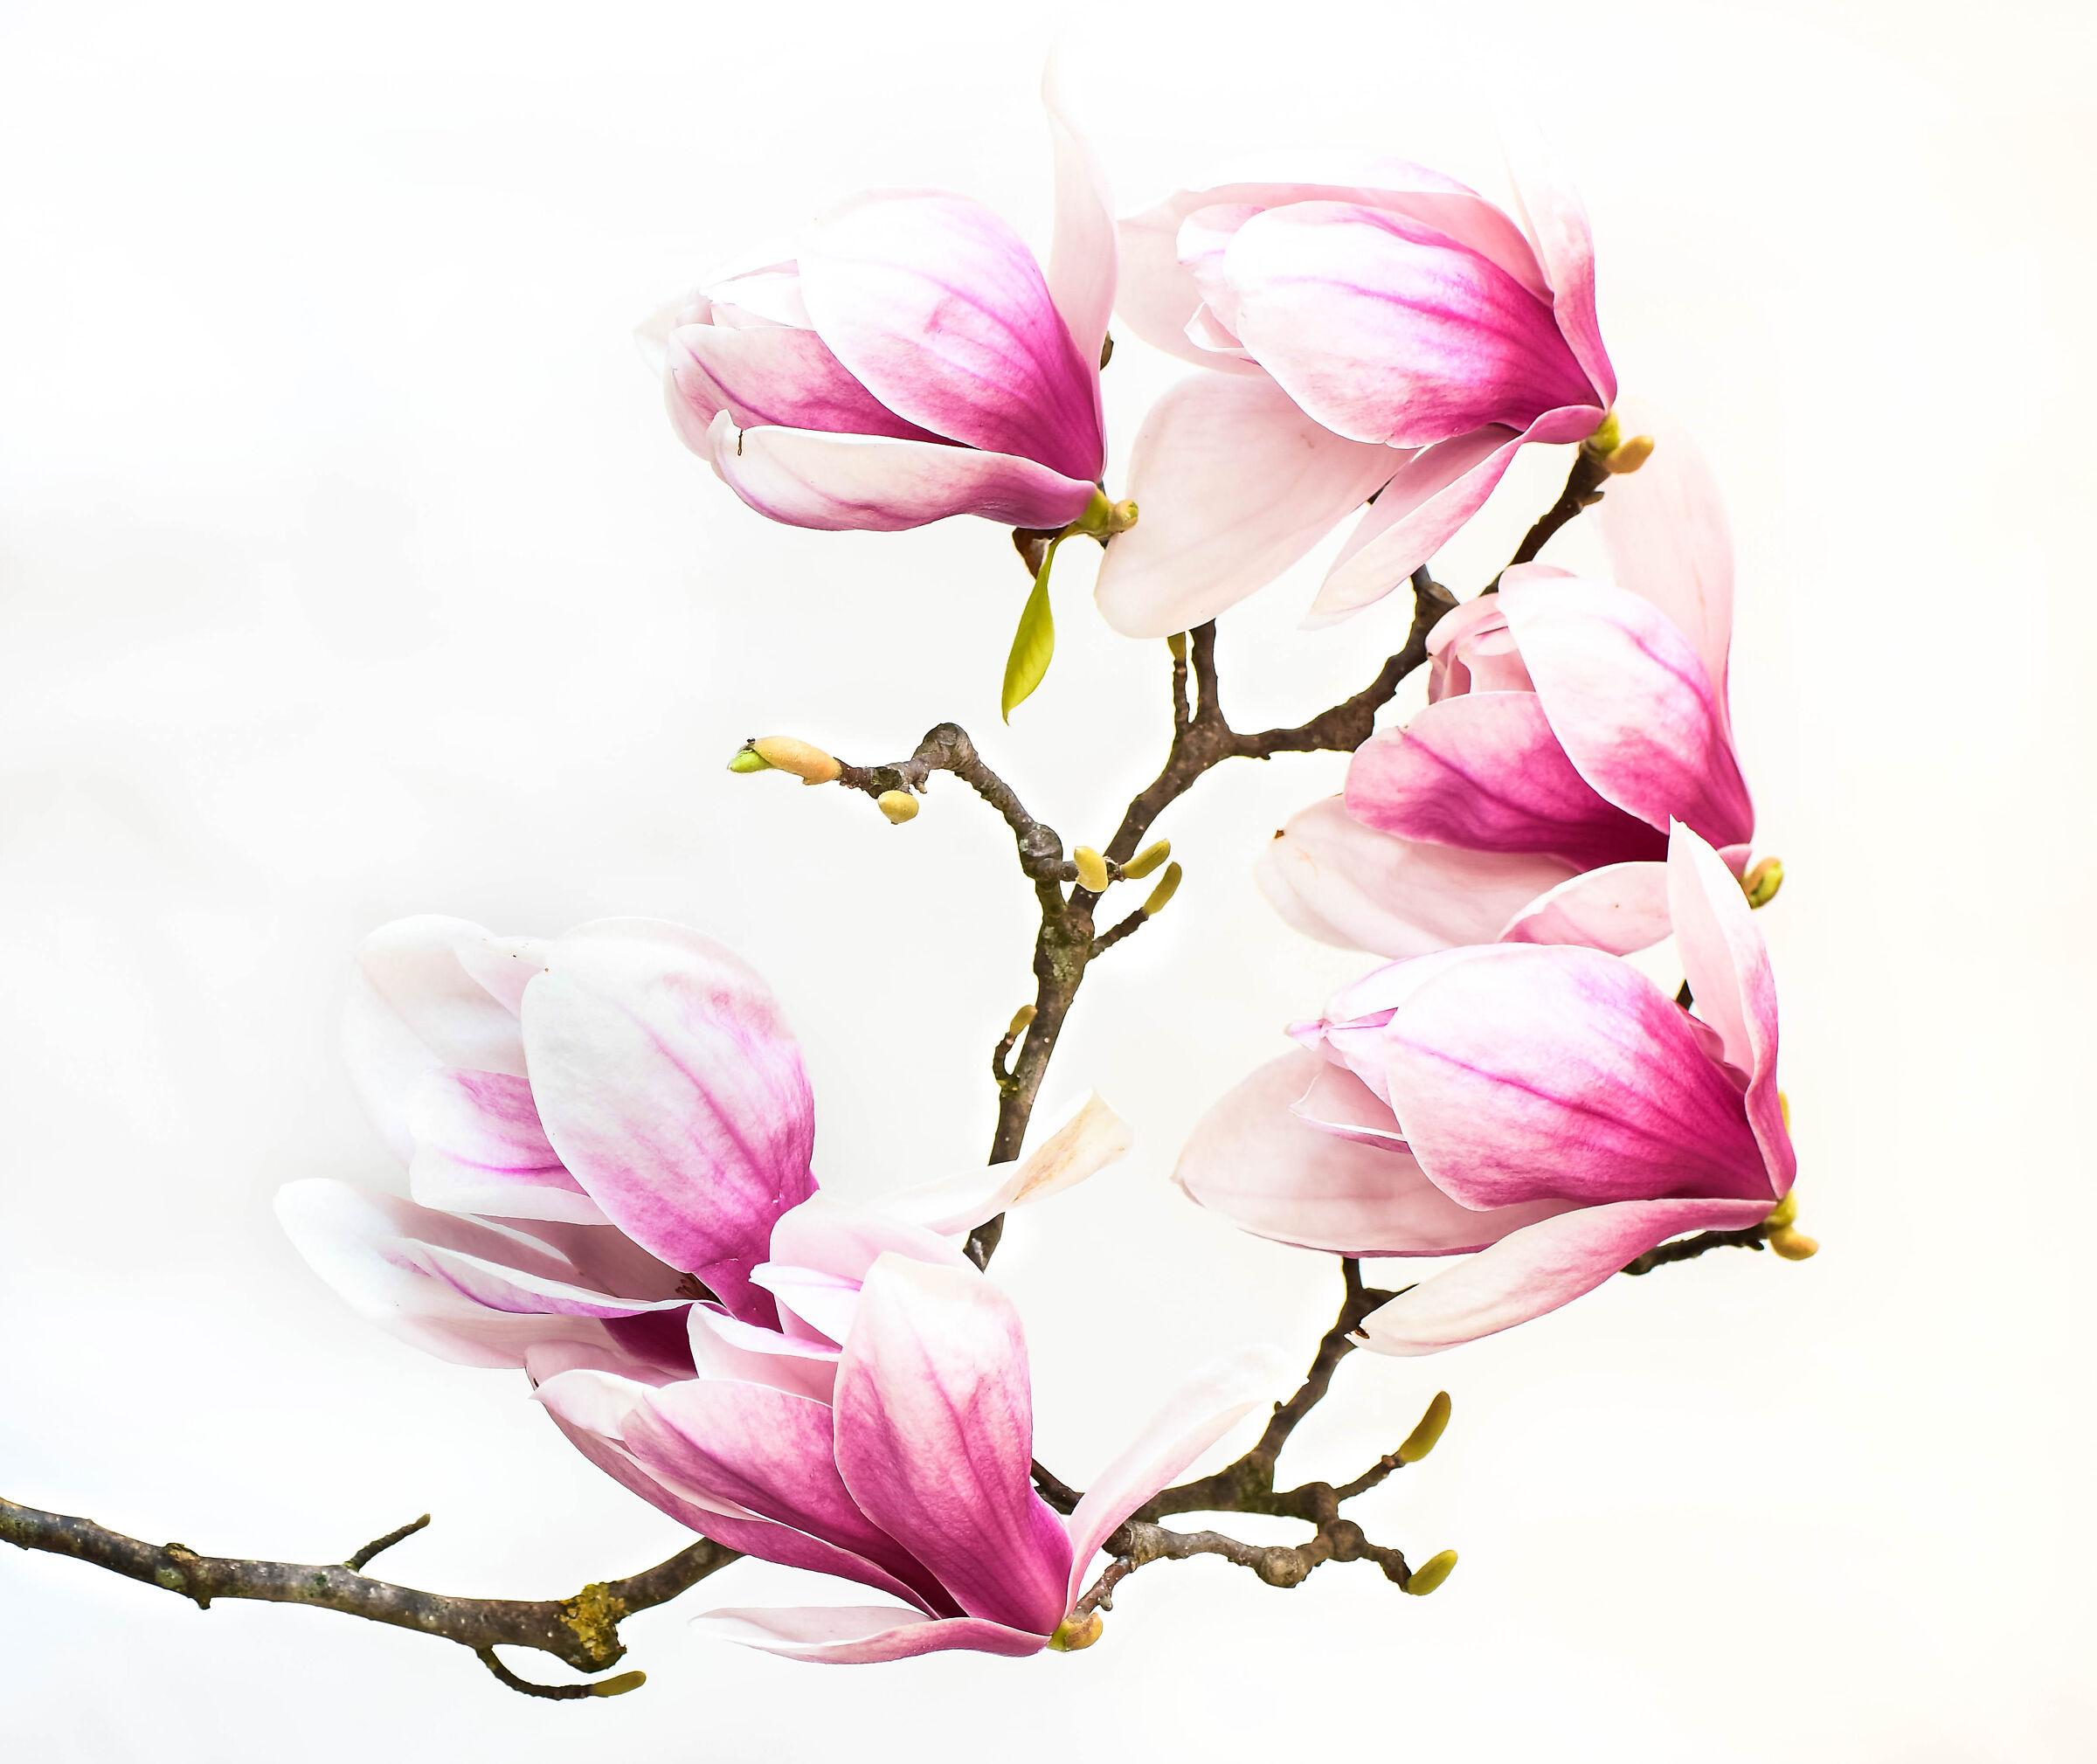 Magnolia in bloom....